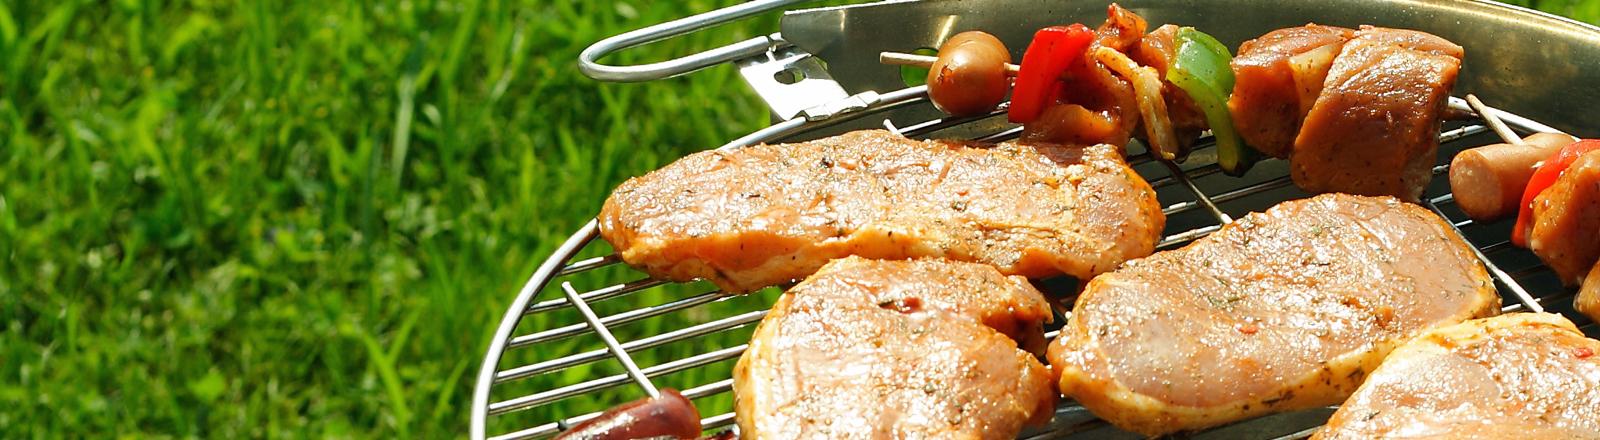 Ein Grill mit Fleisch beladen.